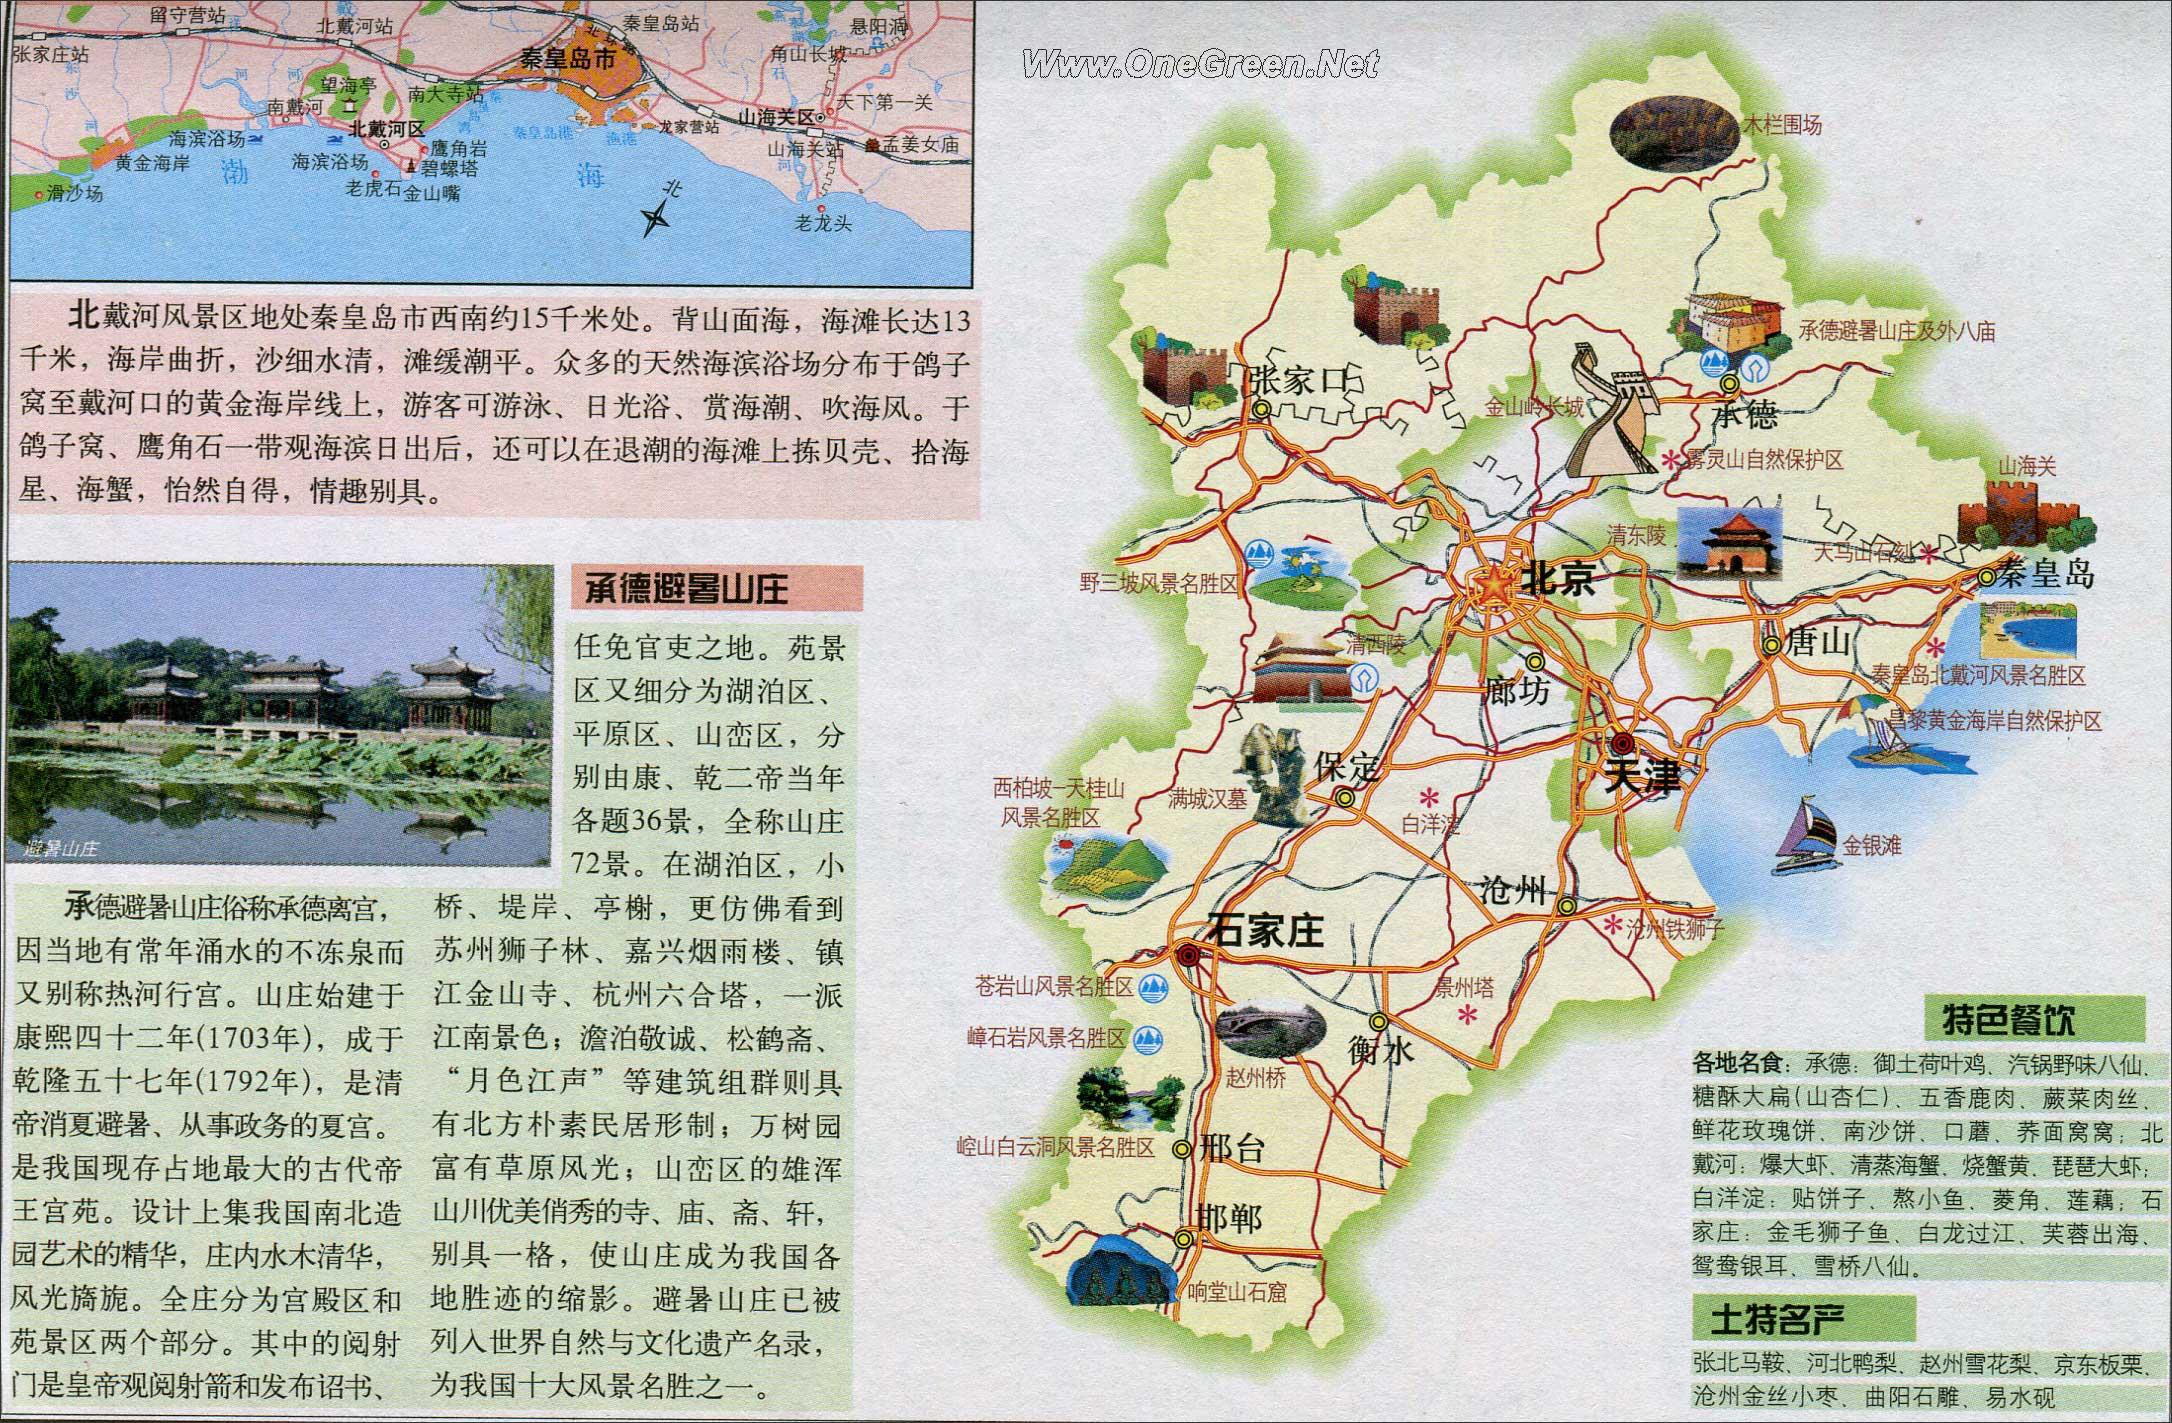 河北地图 河北省行政区划地图